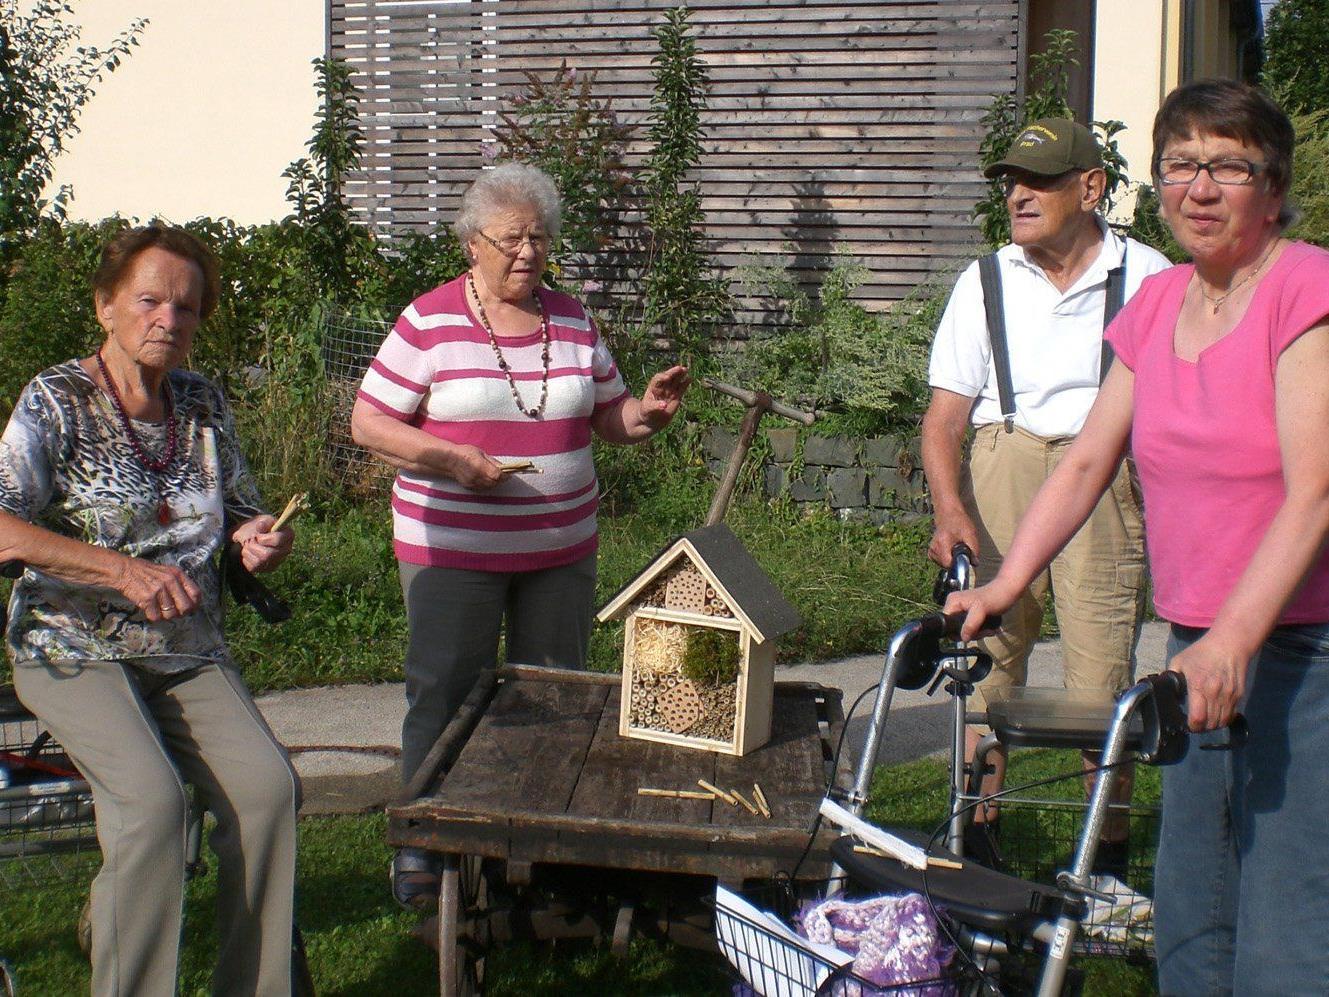 Seniorinnen und Senioren haben Insektenhotels für Nützlinge gebaut.